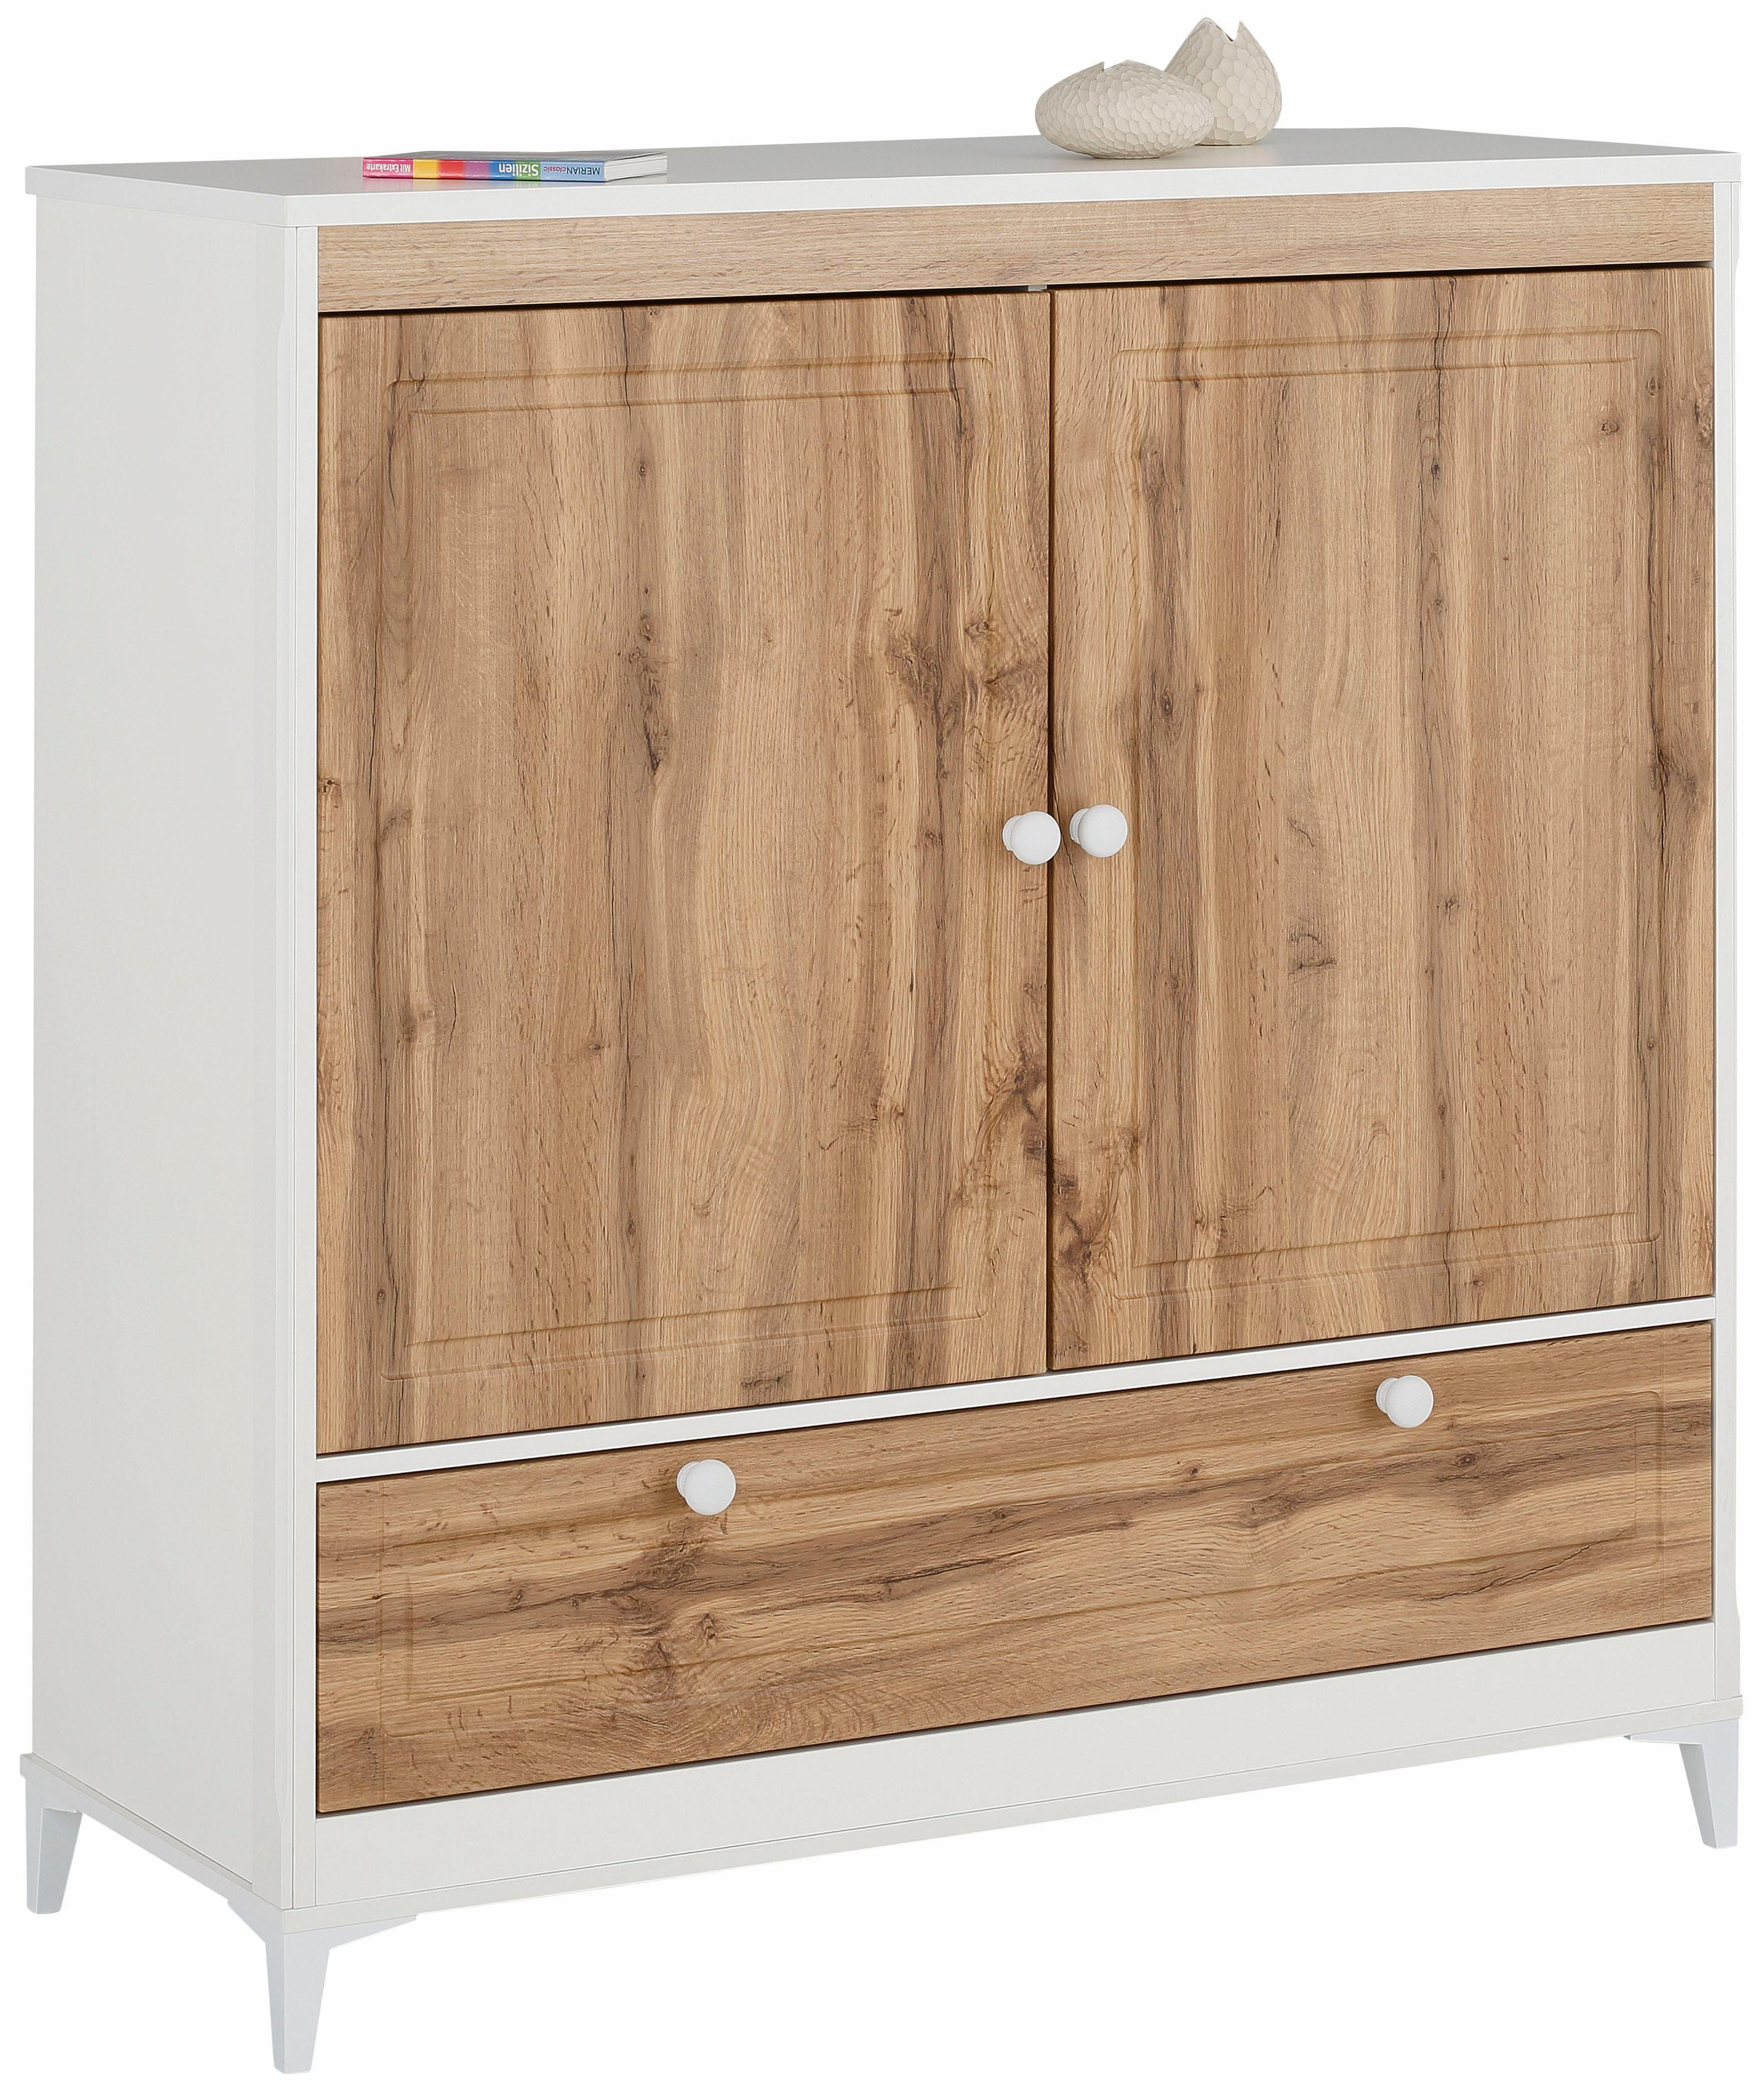 38 sparen home affaire w scheschrank kjell nur 249 99 cherry m bel otto. Black Bedroom Furniture Sets. Home Design Ideas